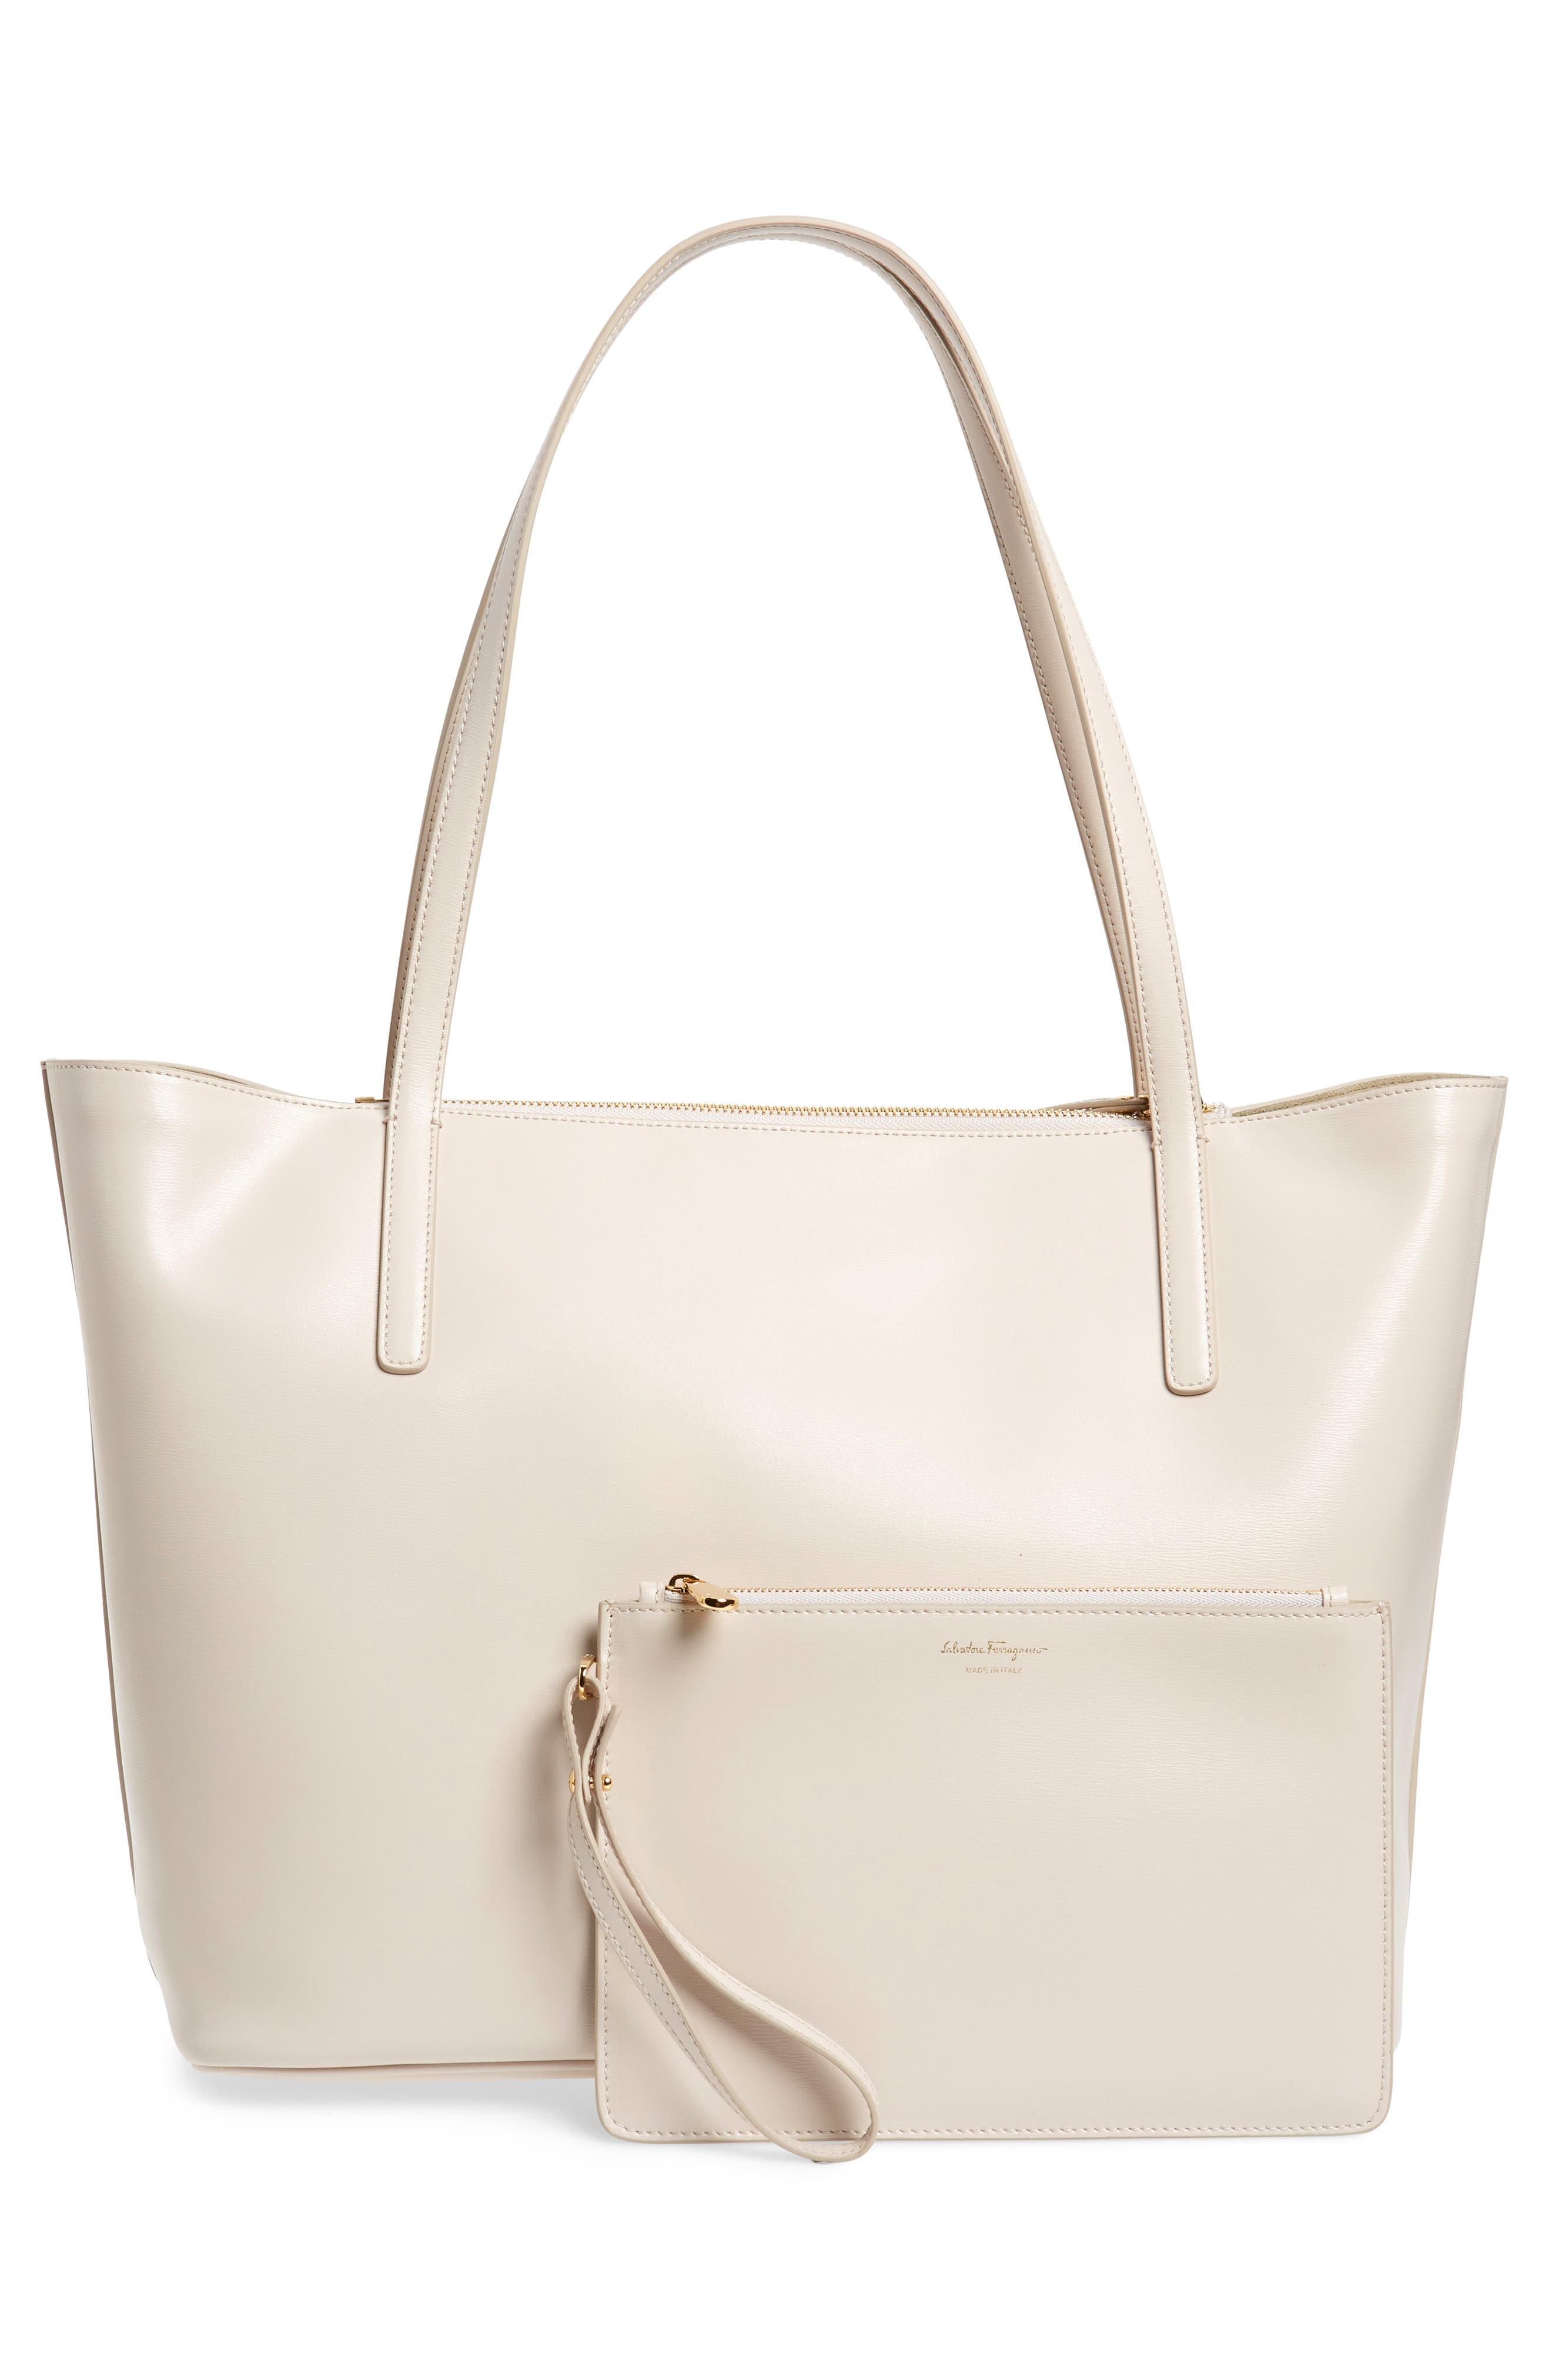 1f501c6a54 Salvatore Ferragamo Designer Tote Bags for Women